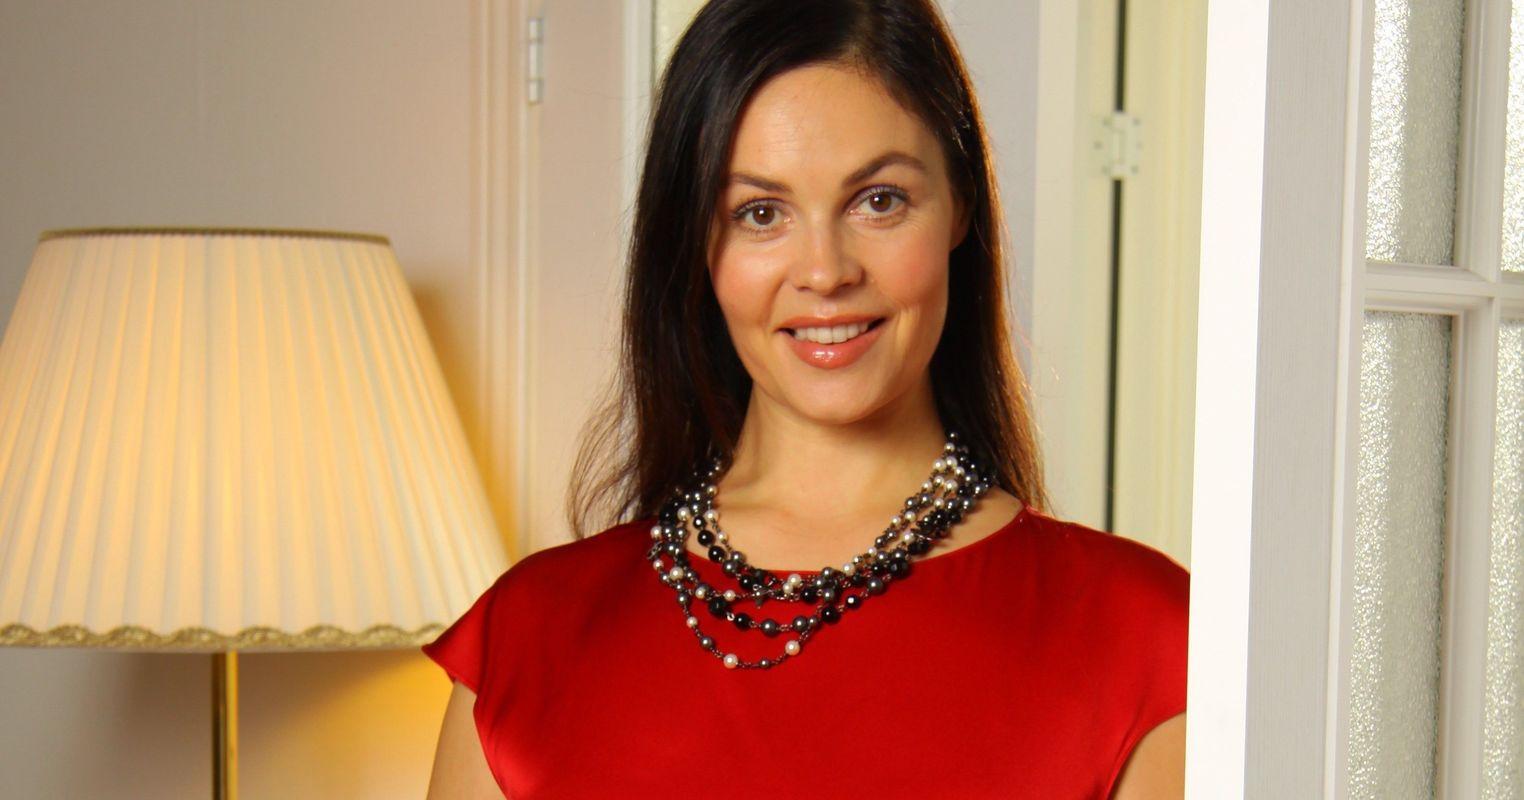 Первый канал рассказал о работе ведущей Екатерины Андреевой в программе «Время»